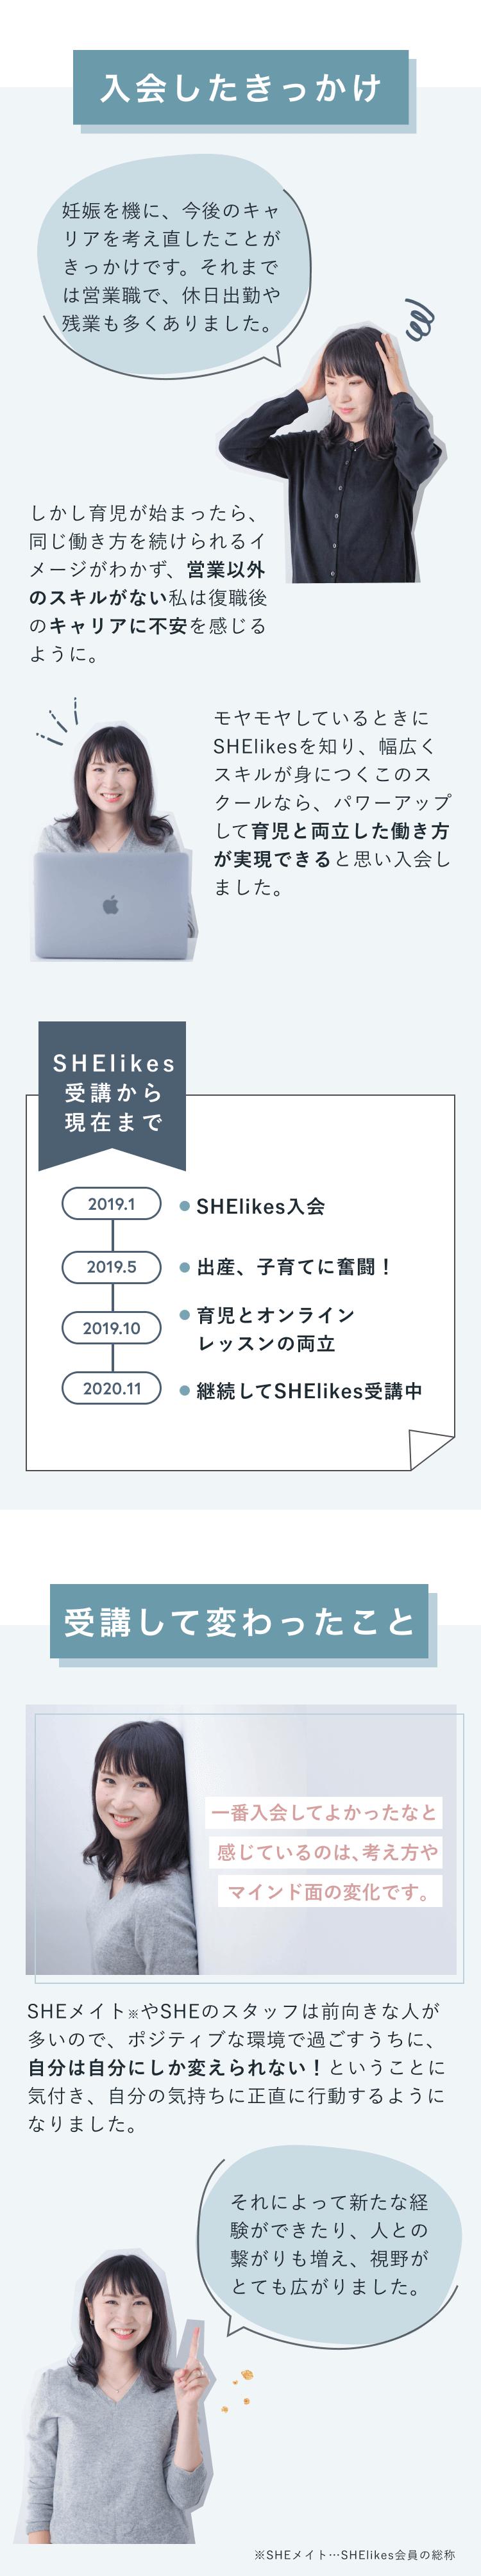 SHElikesに入会したきっかけ